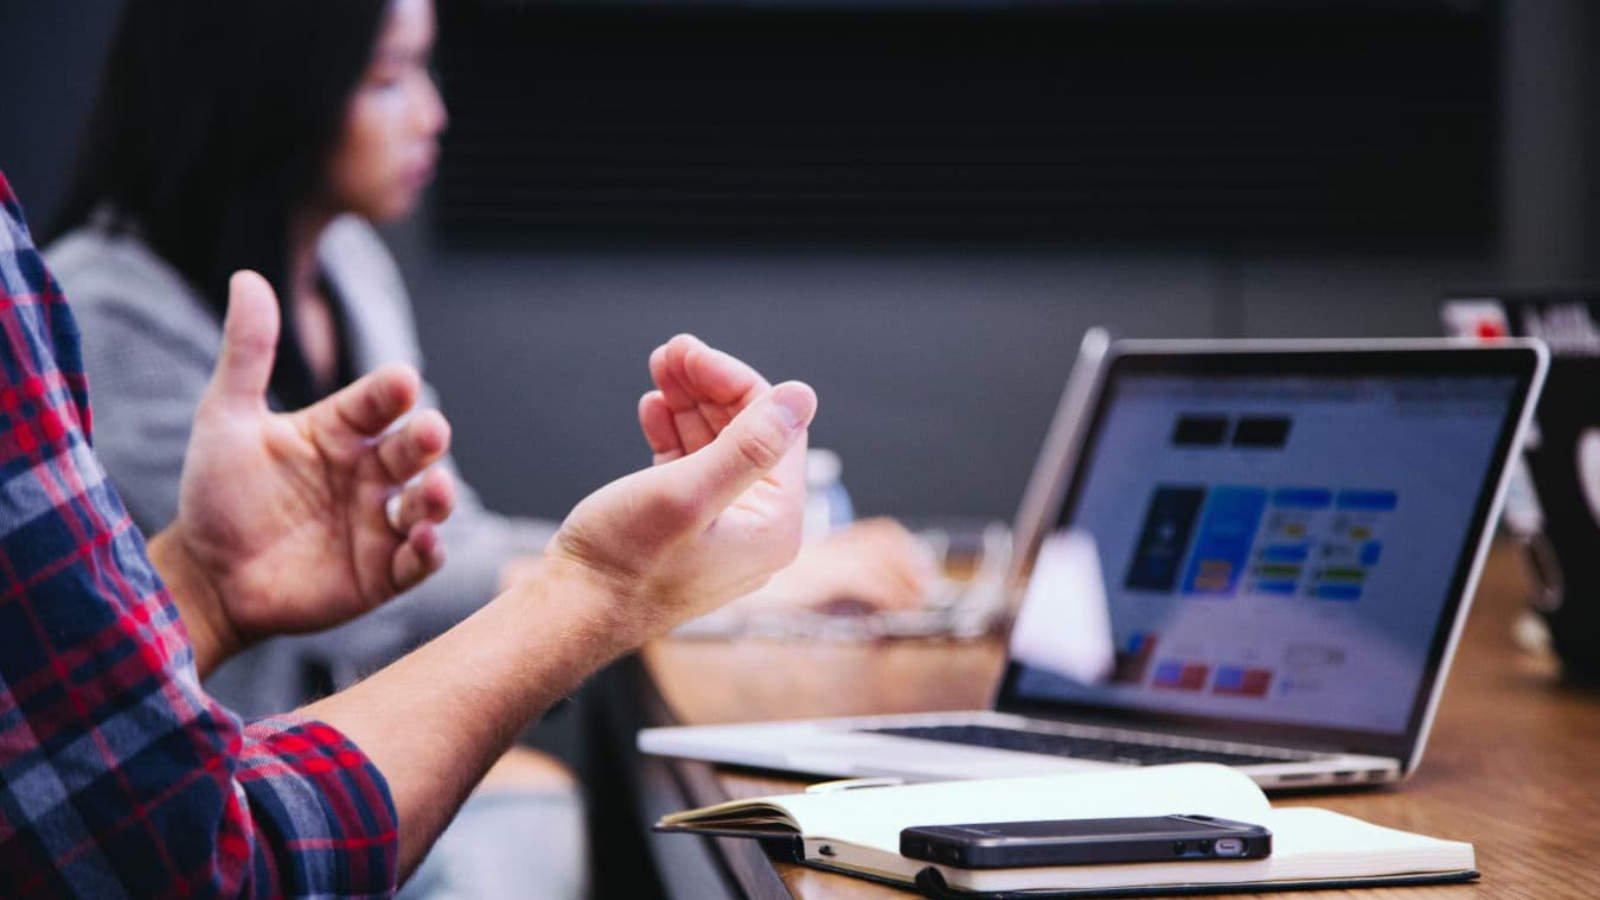 L'appréhension à communiquer en langue étrangère – Article 2